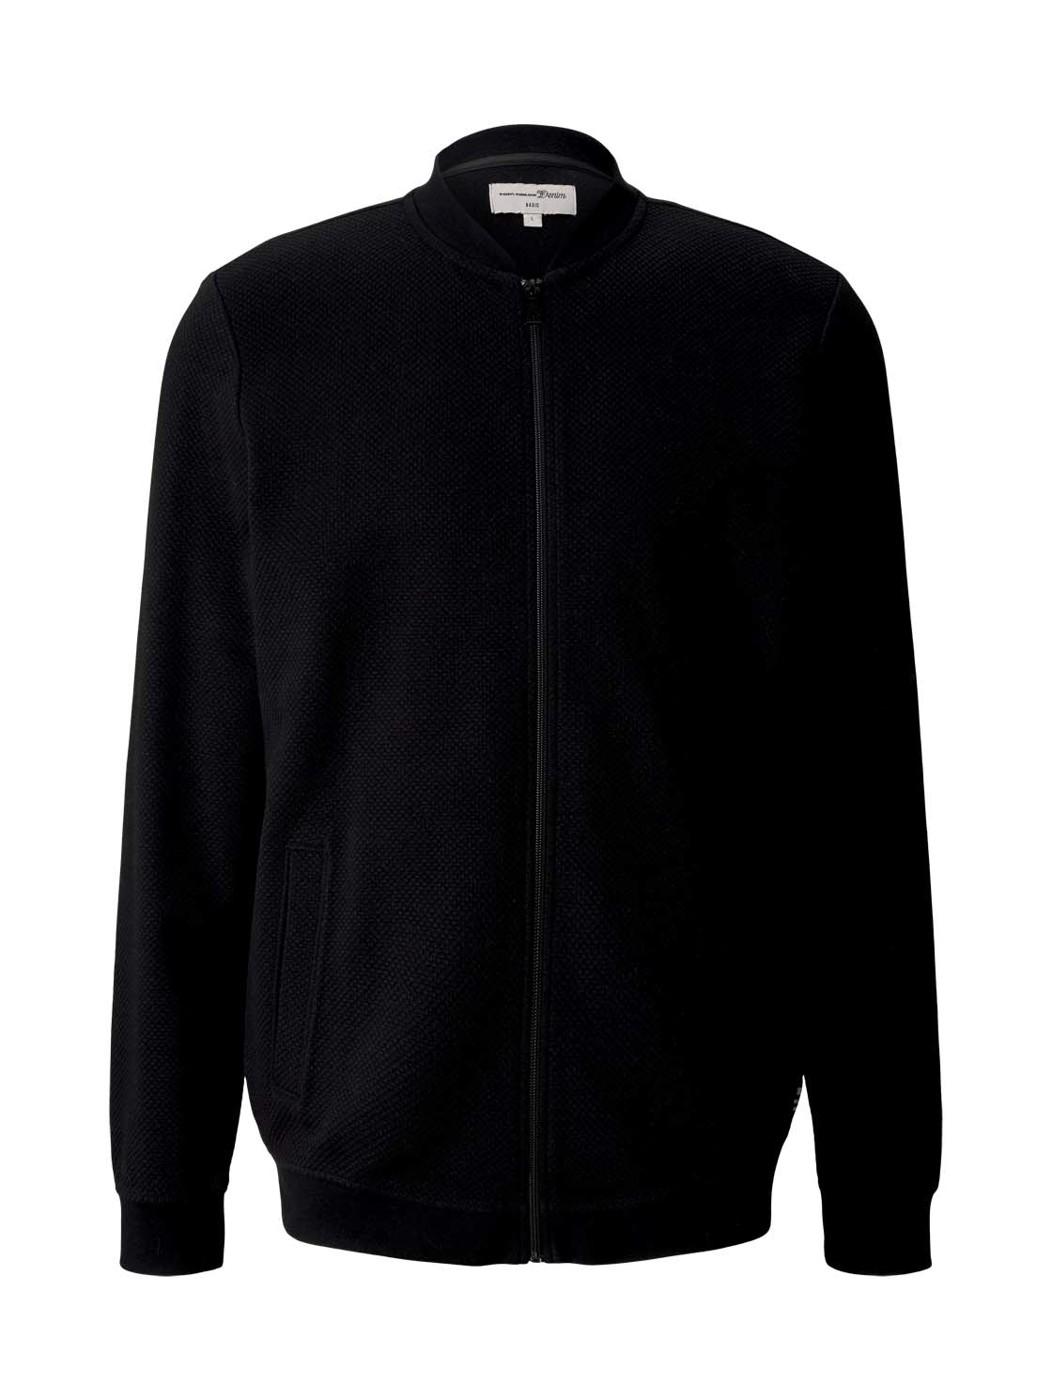 bomber jacket - Herren